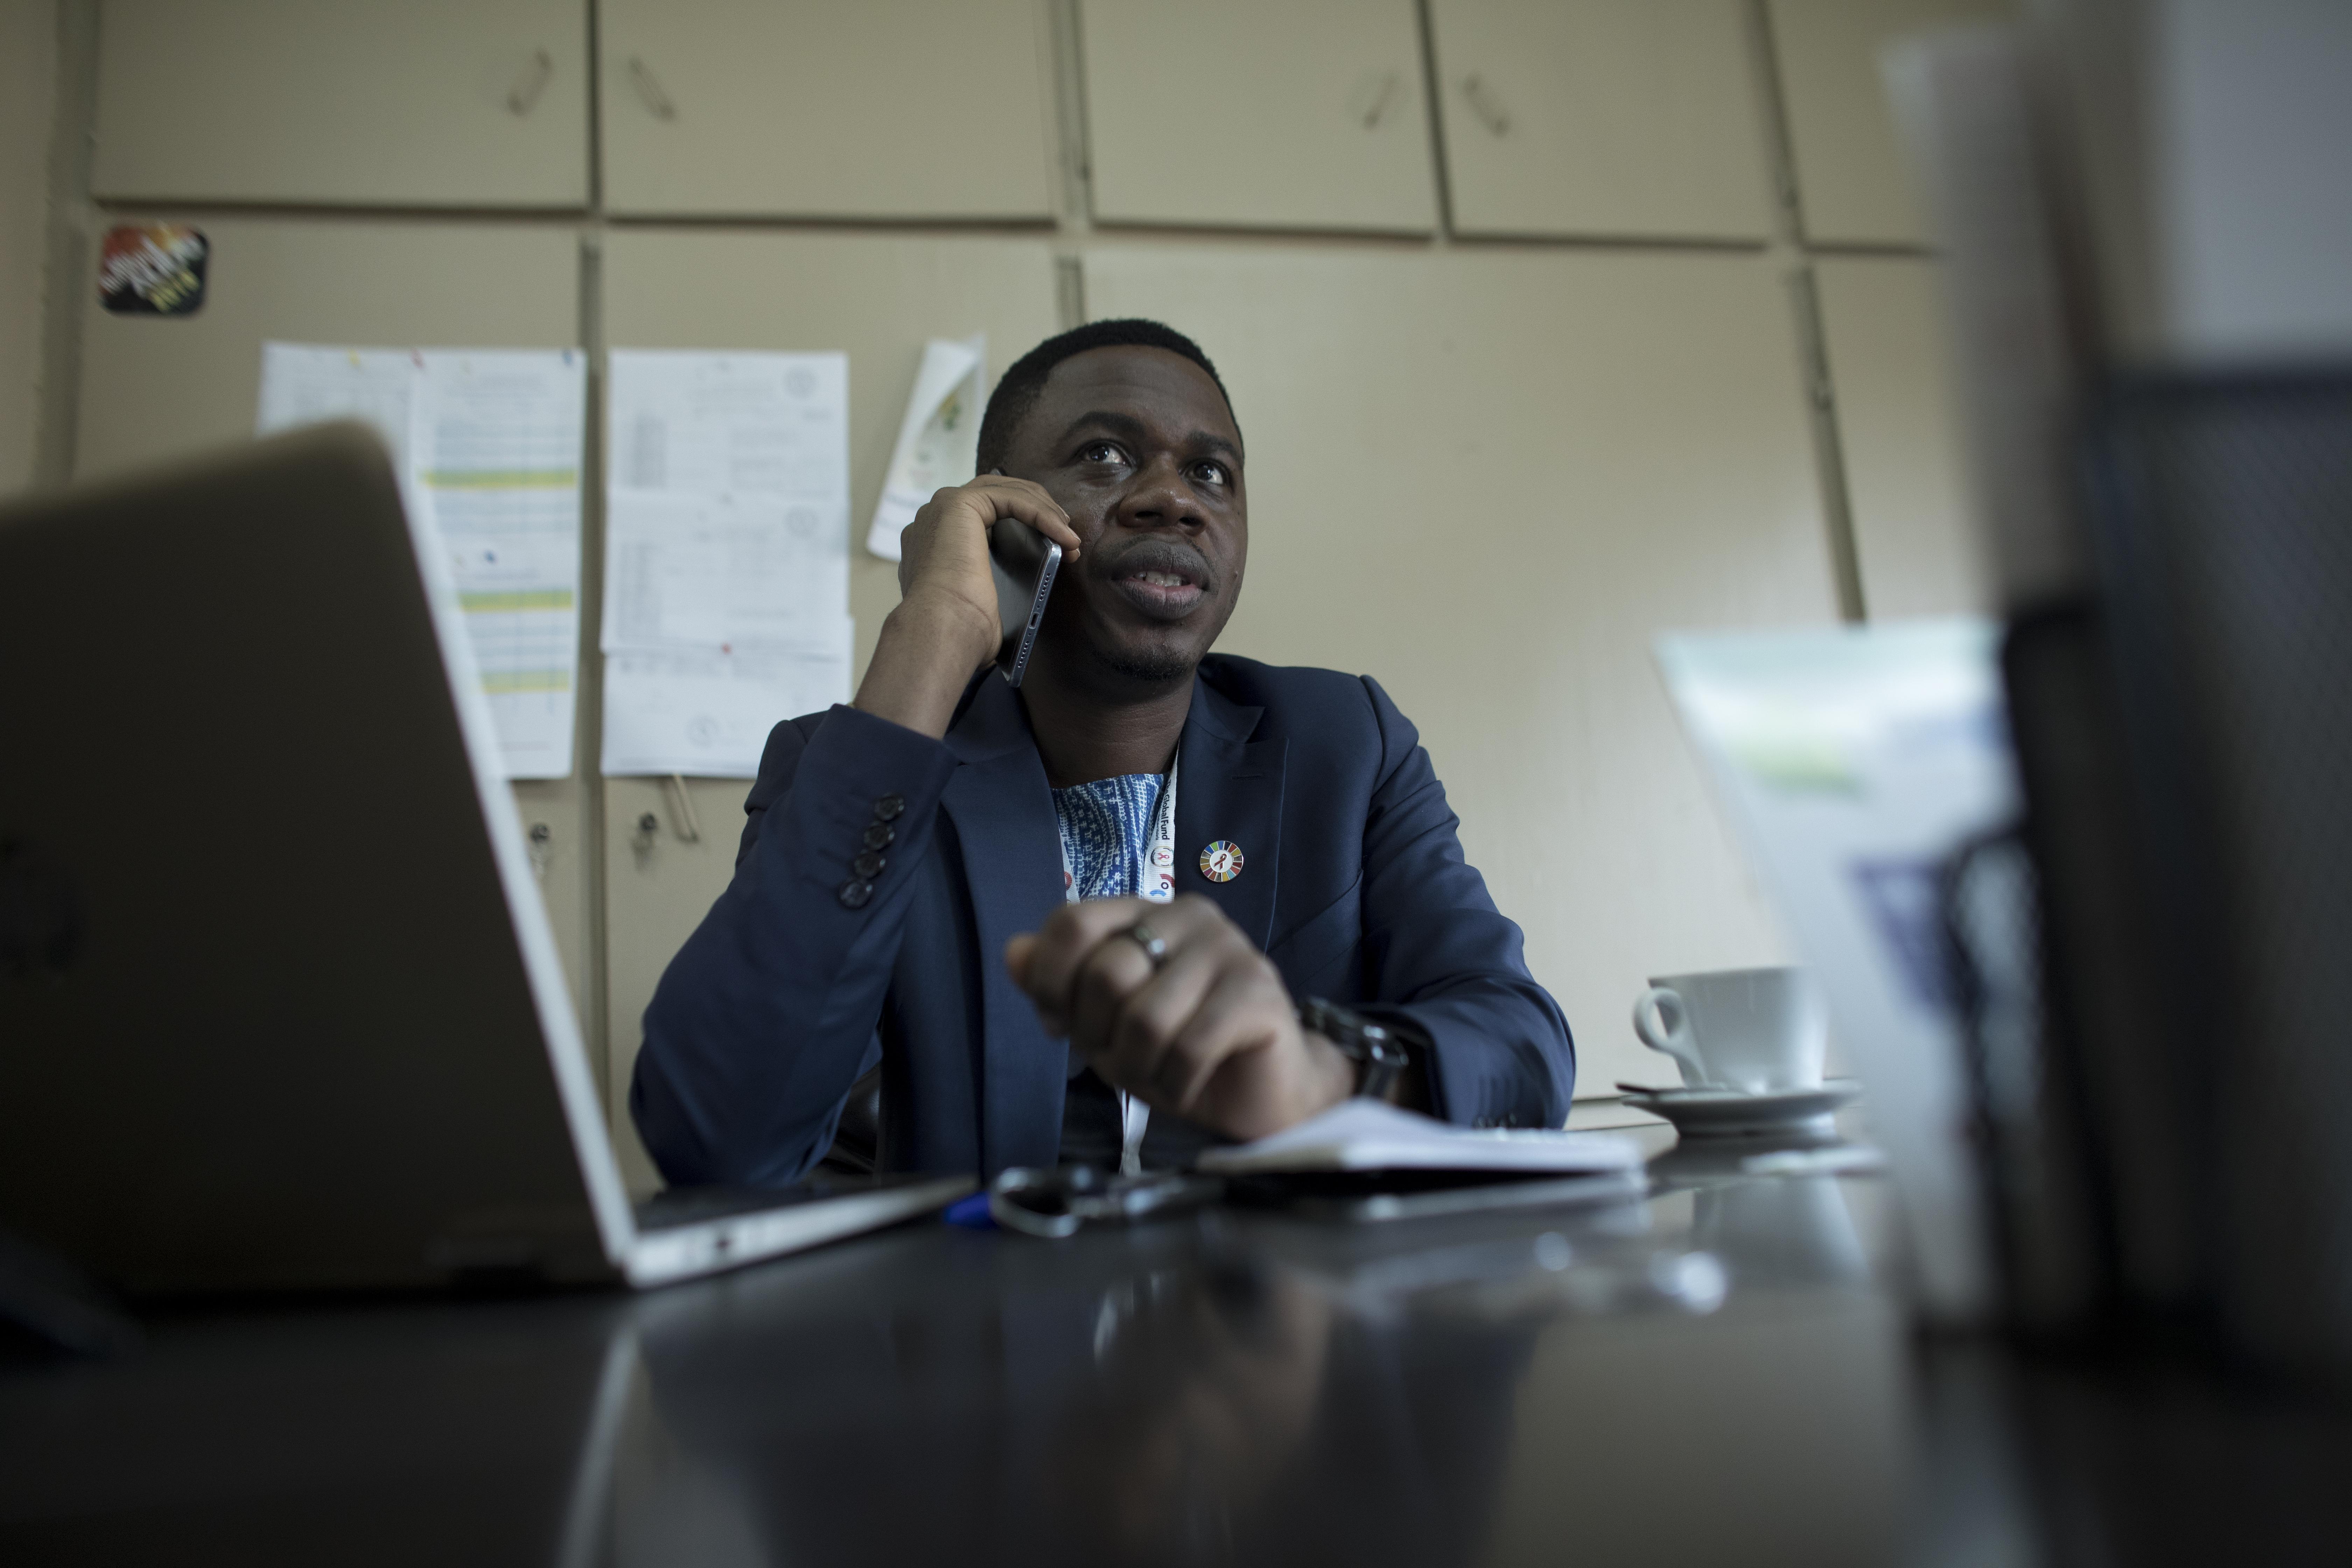 Serge est fort occupé par le travail chez Affirmative Action où il est constamment sur appel et où il contribue à diriger l'organisation.